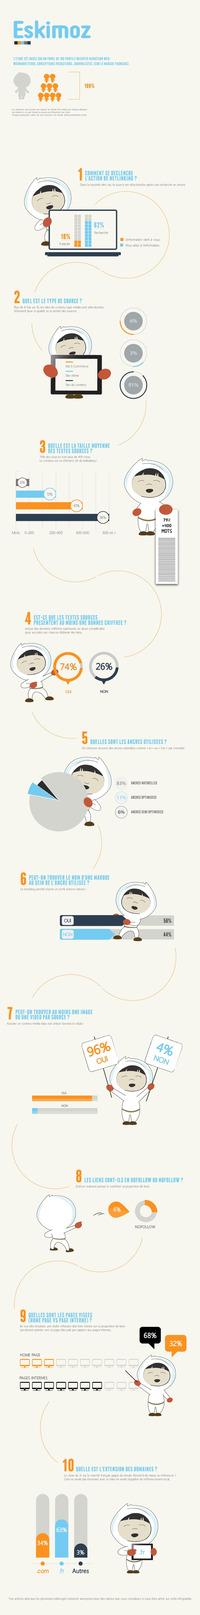 Astuces et Statistiques sur le Link Baiting #SEO [Infographie] | Search engine optimization : SEO | Scoop.it